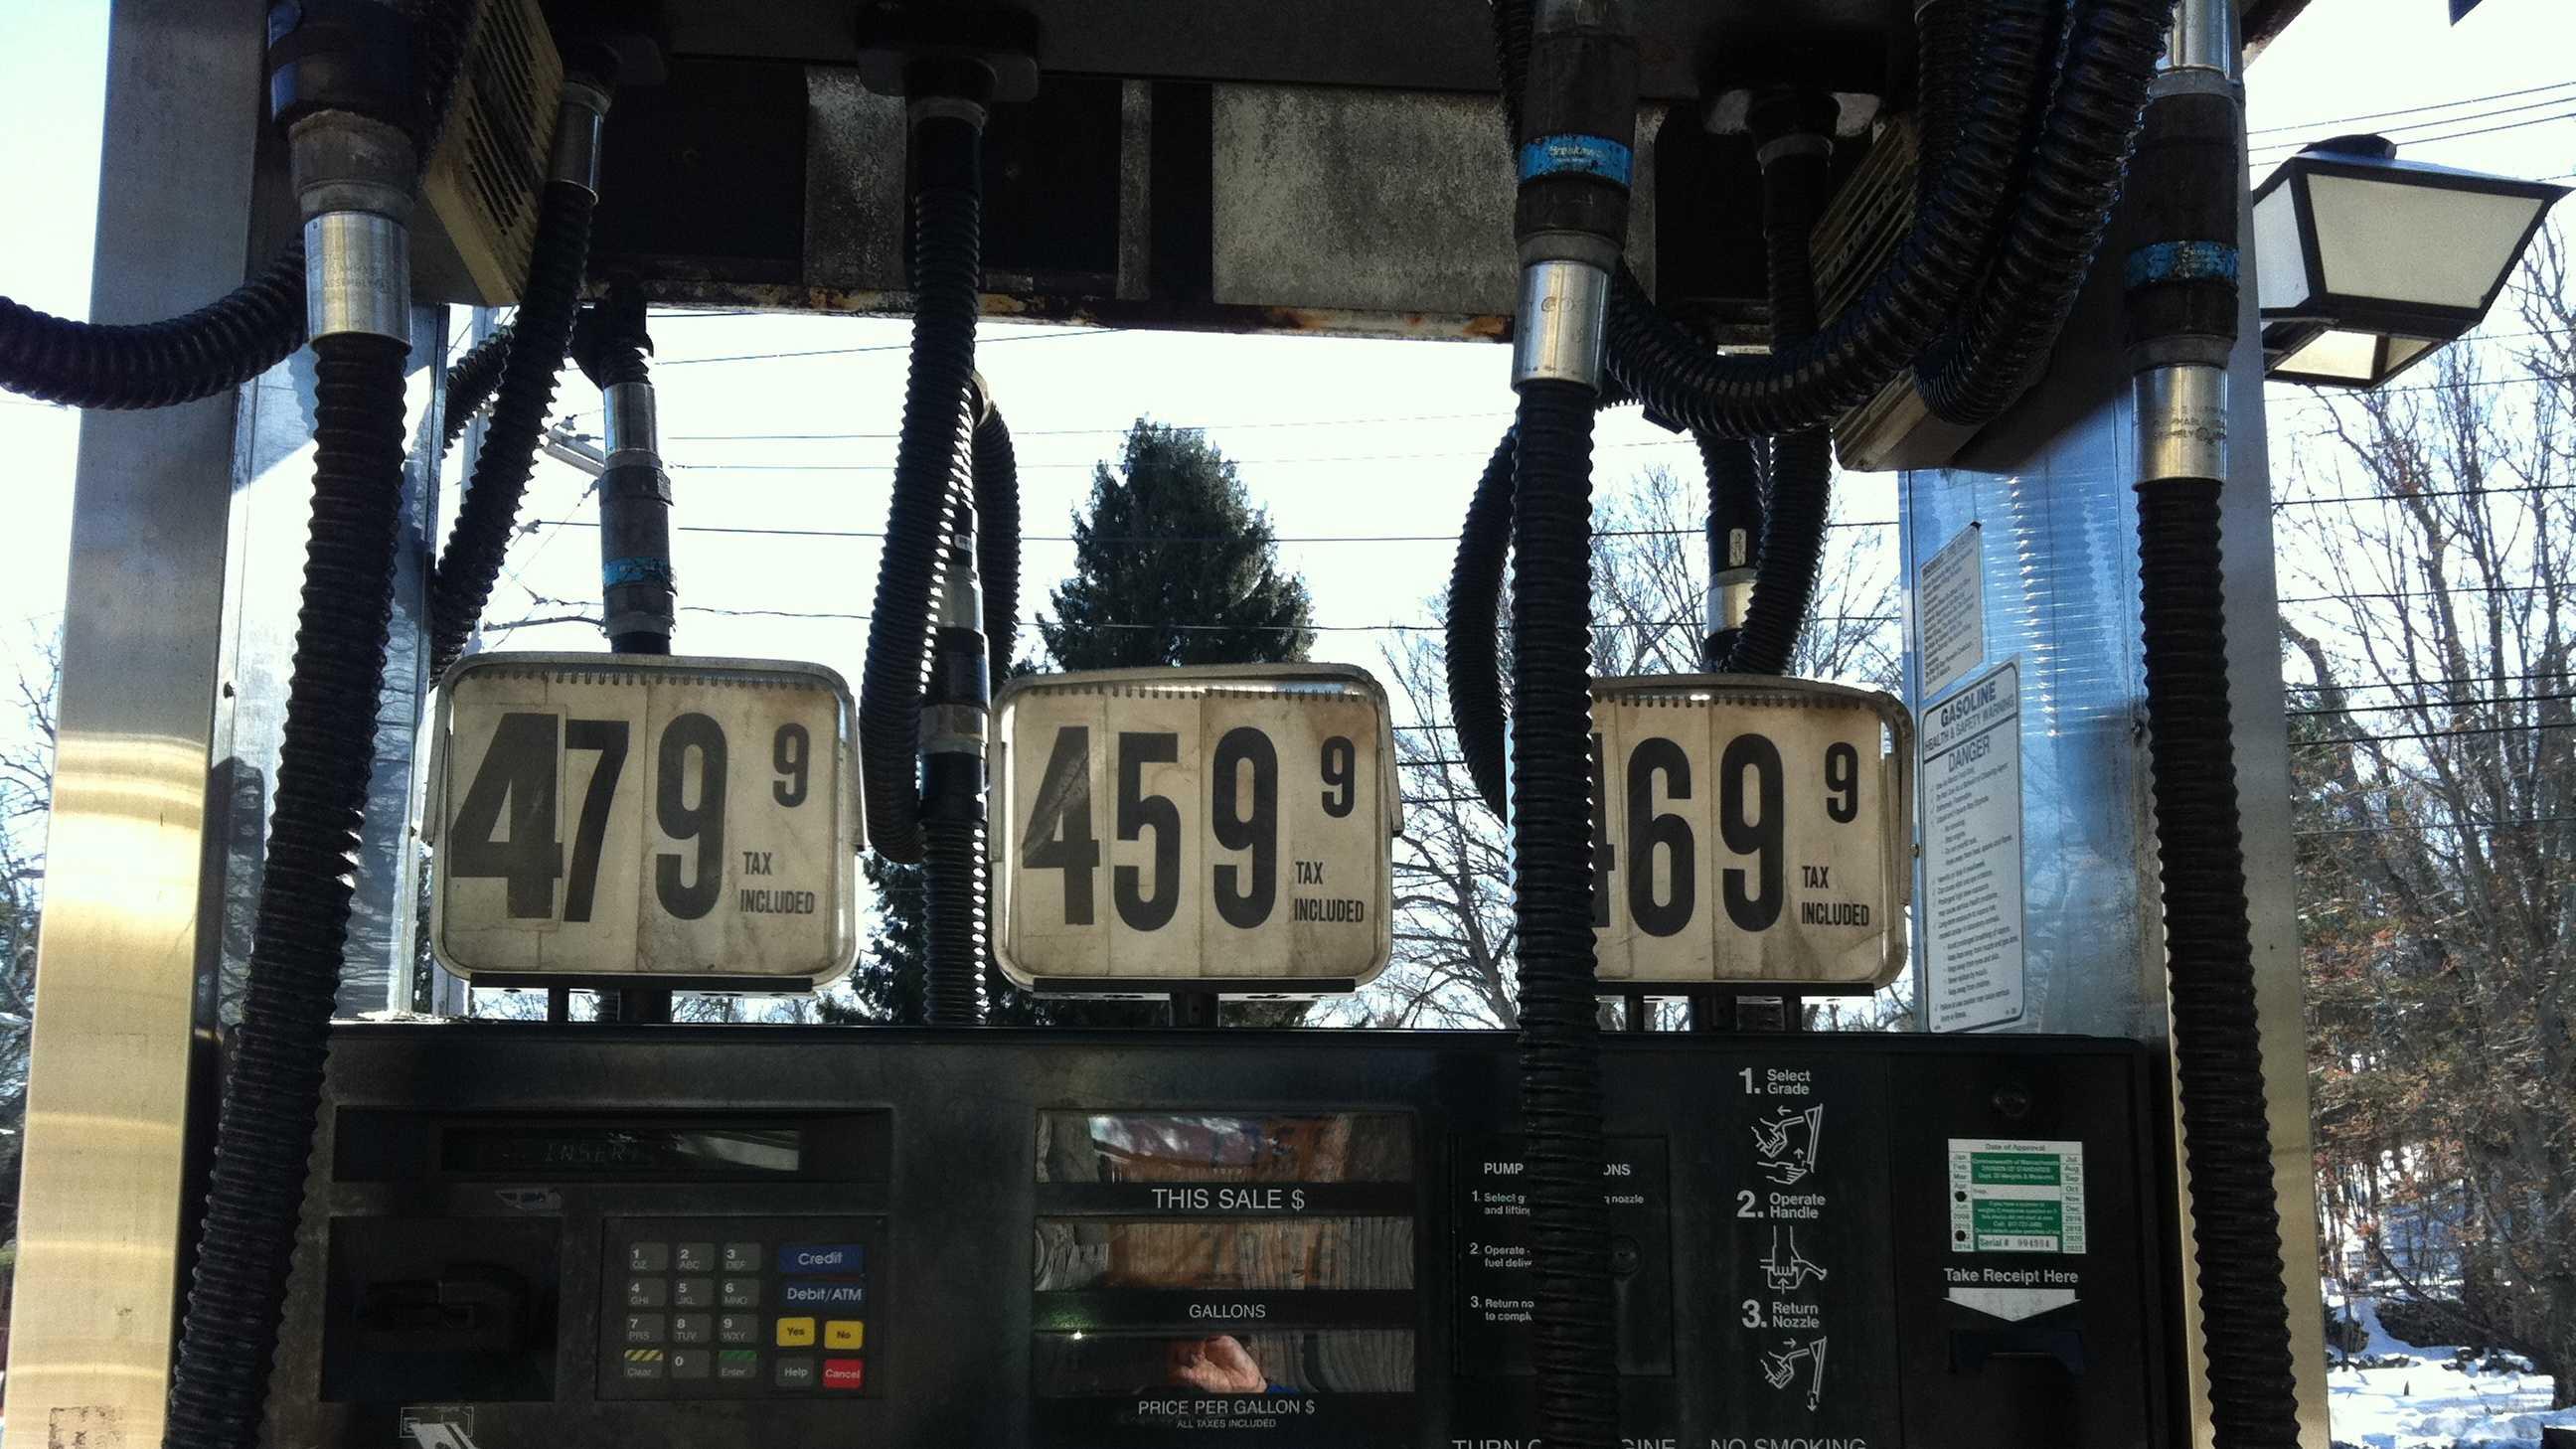 Lexington $4.59 gas